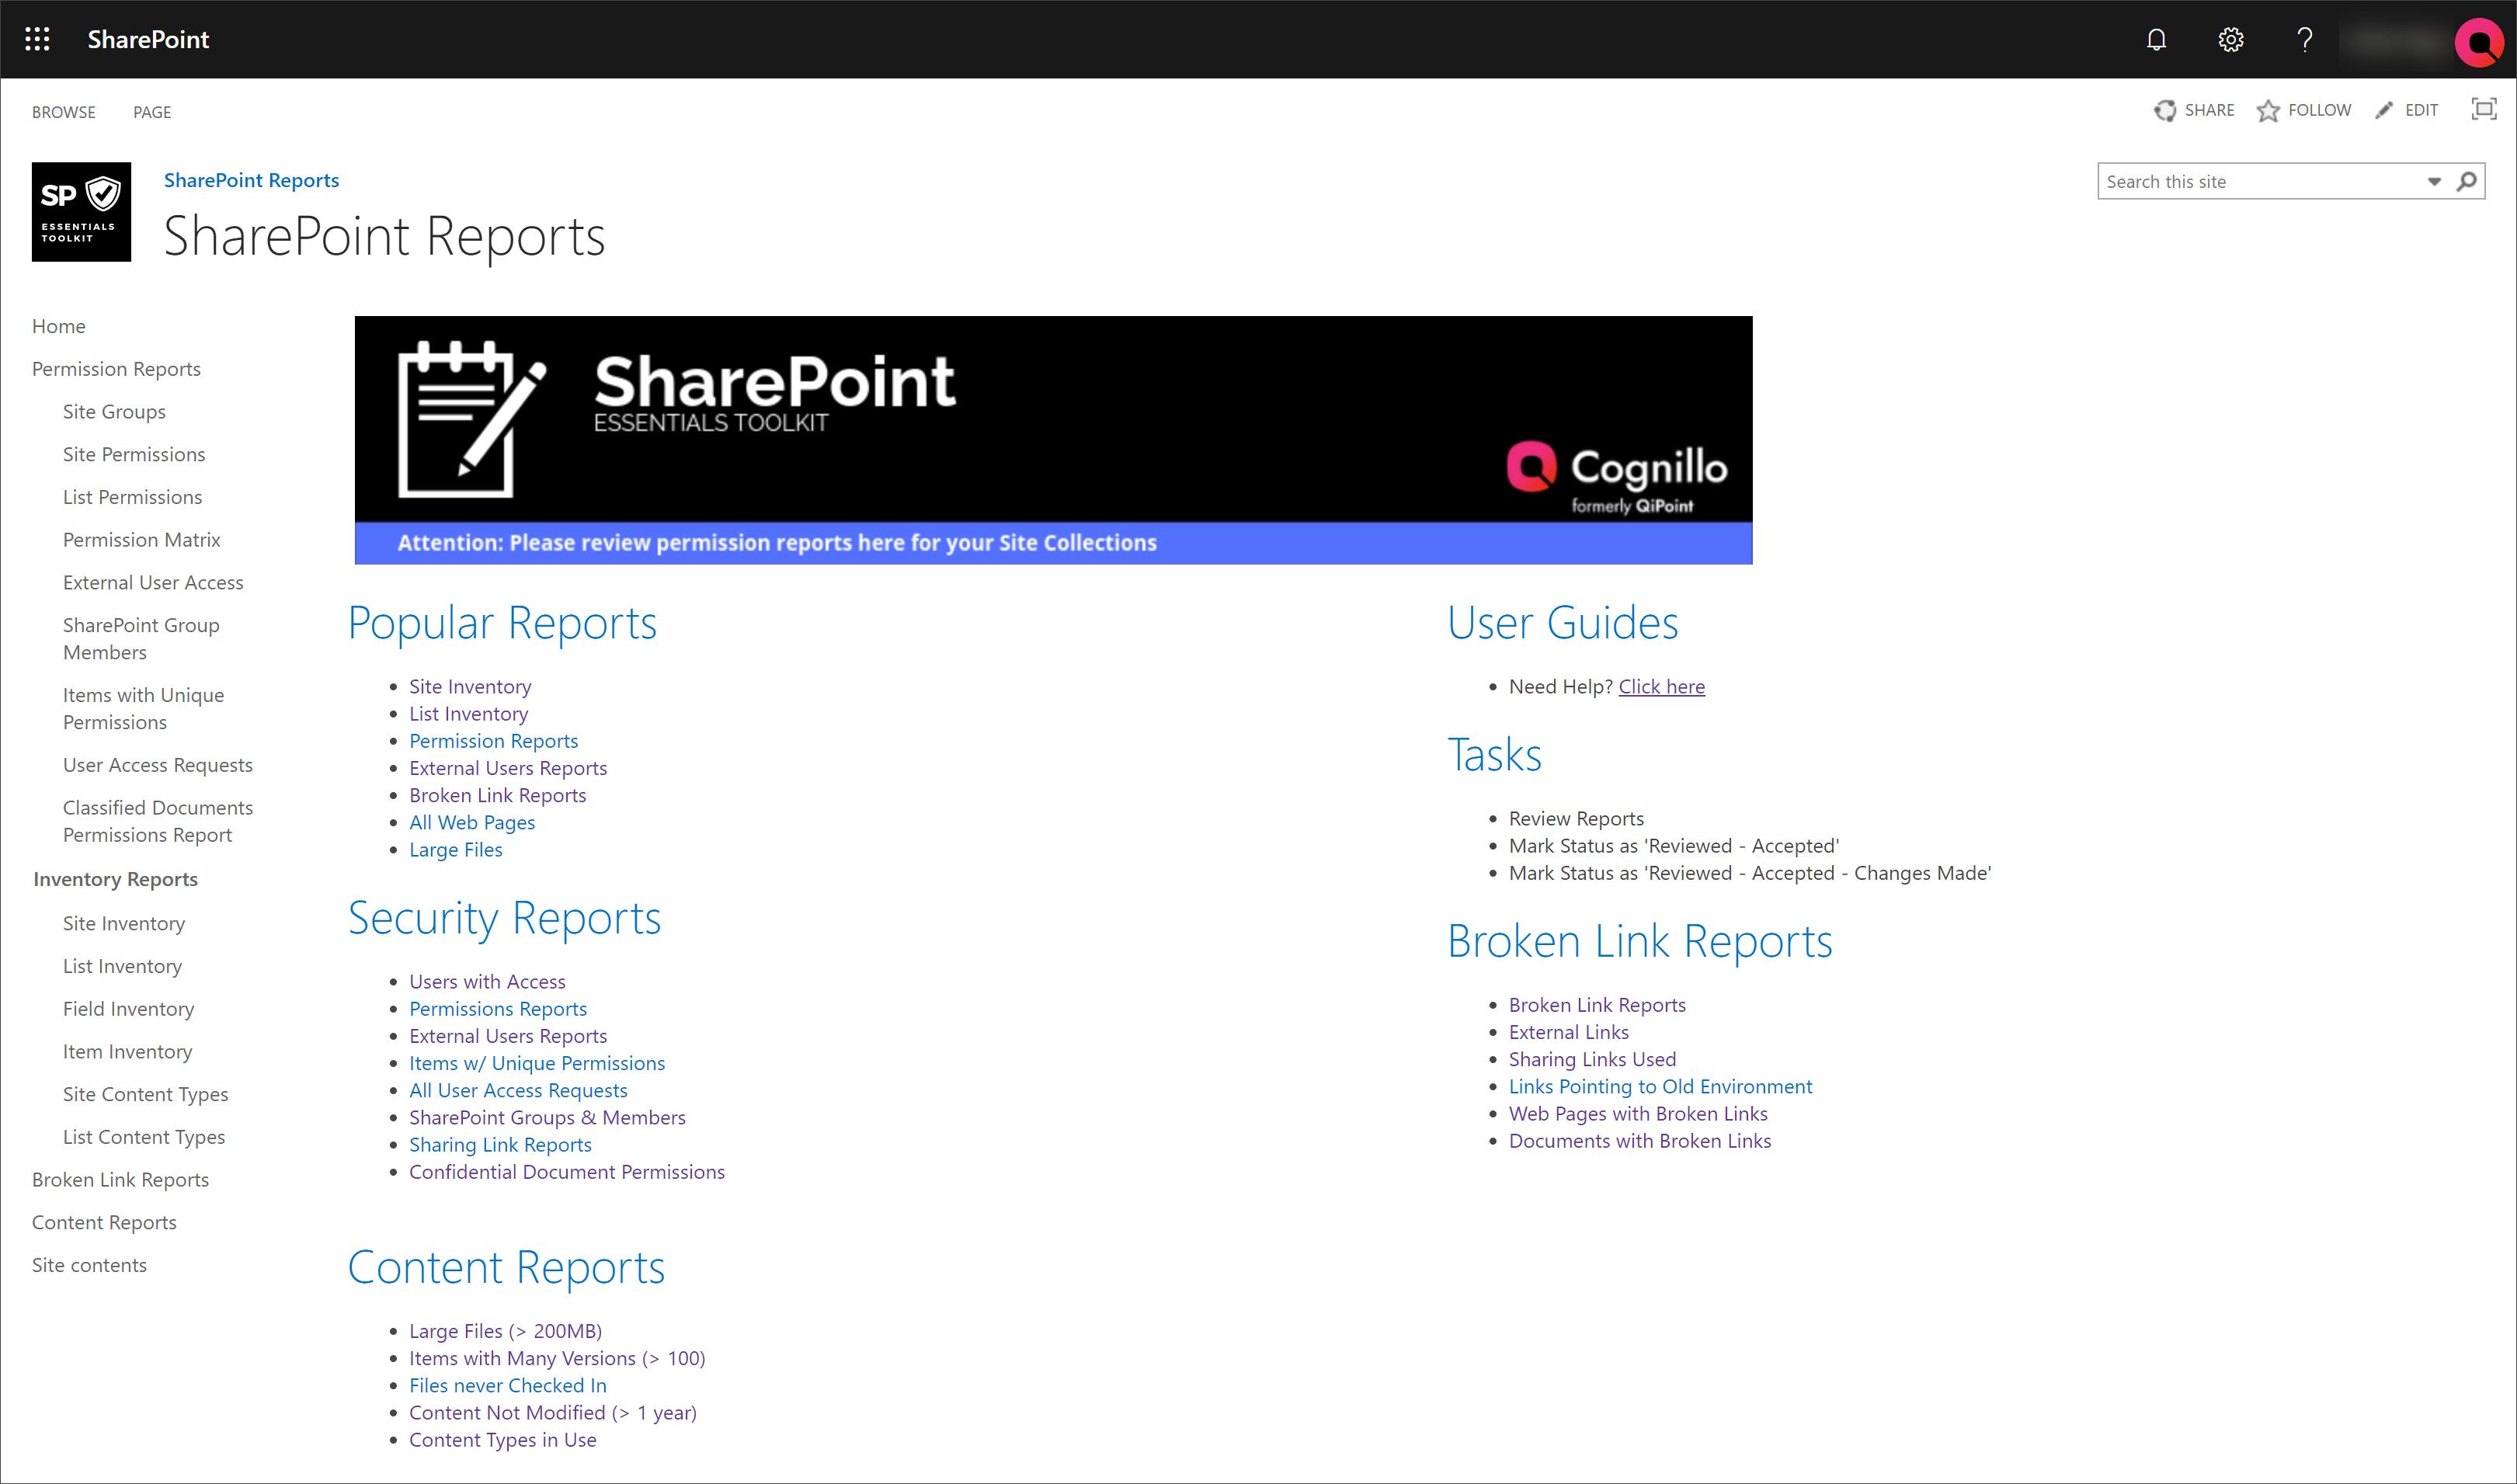 SharePoint Essentials Toolkit | SharePoint Online